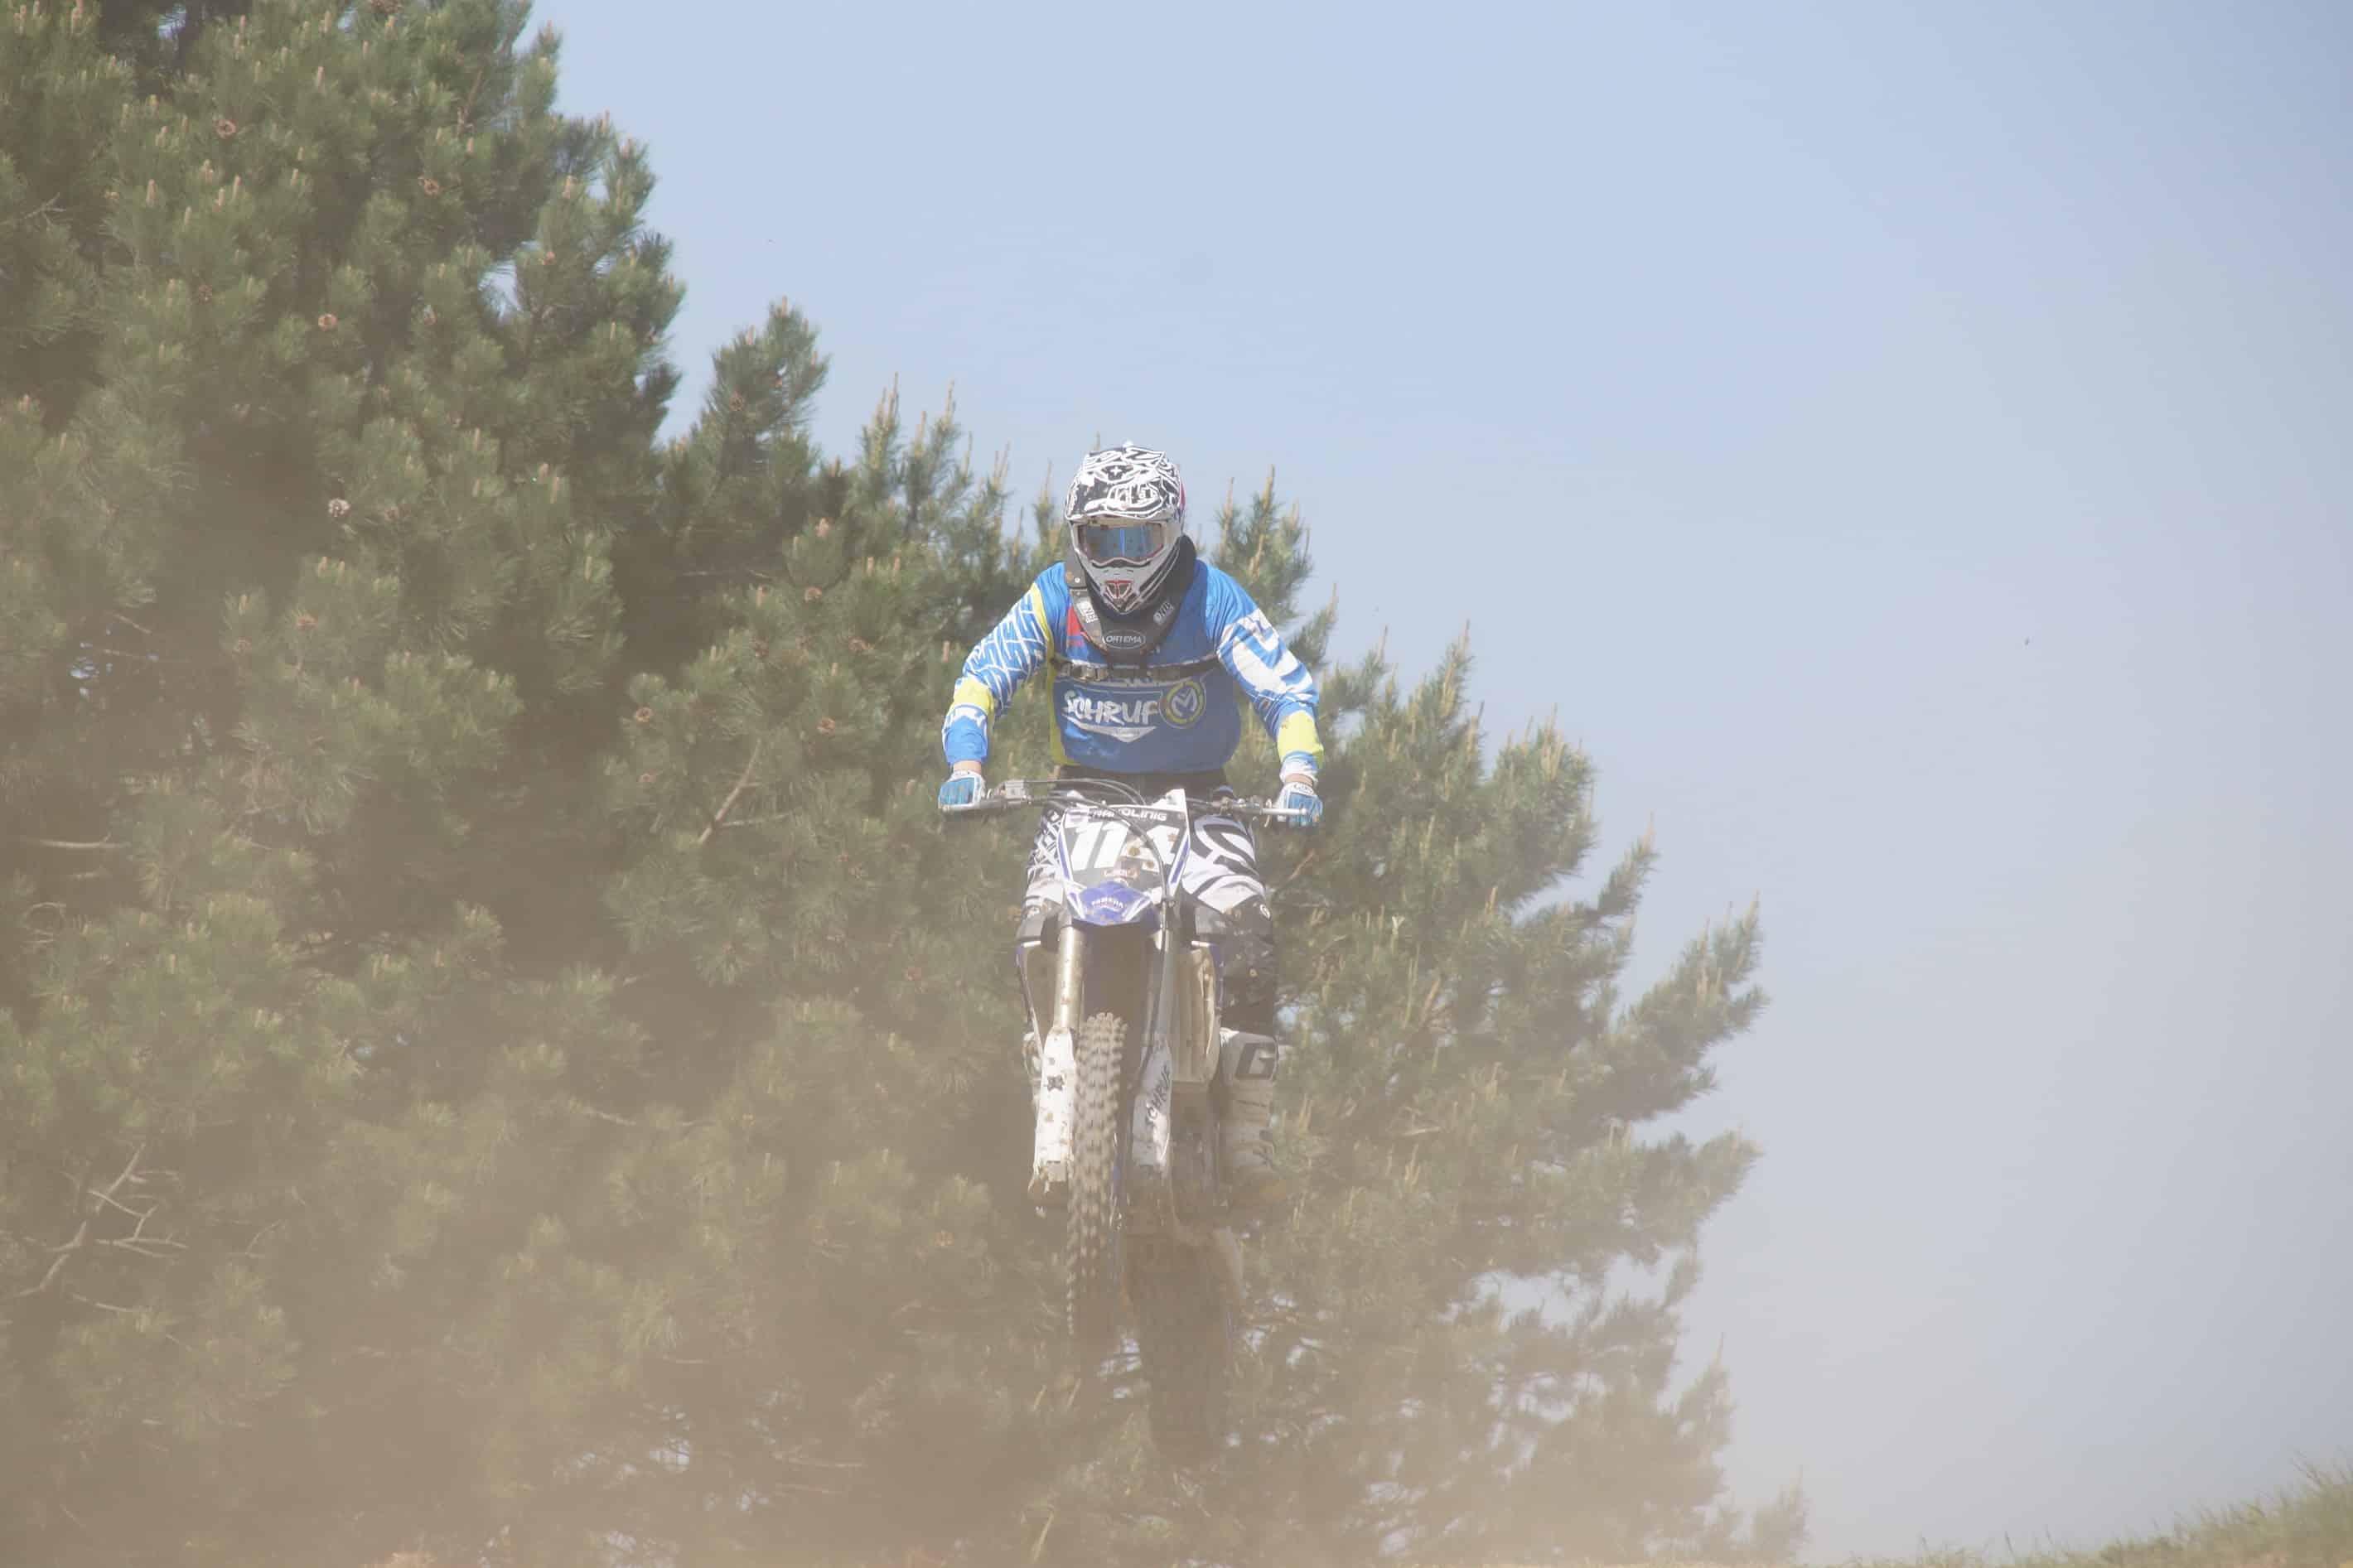 DSC1021_Moto Cross Sittendorf